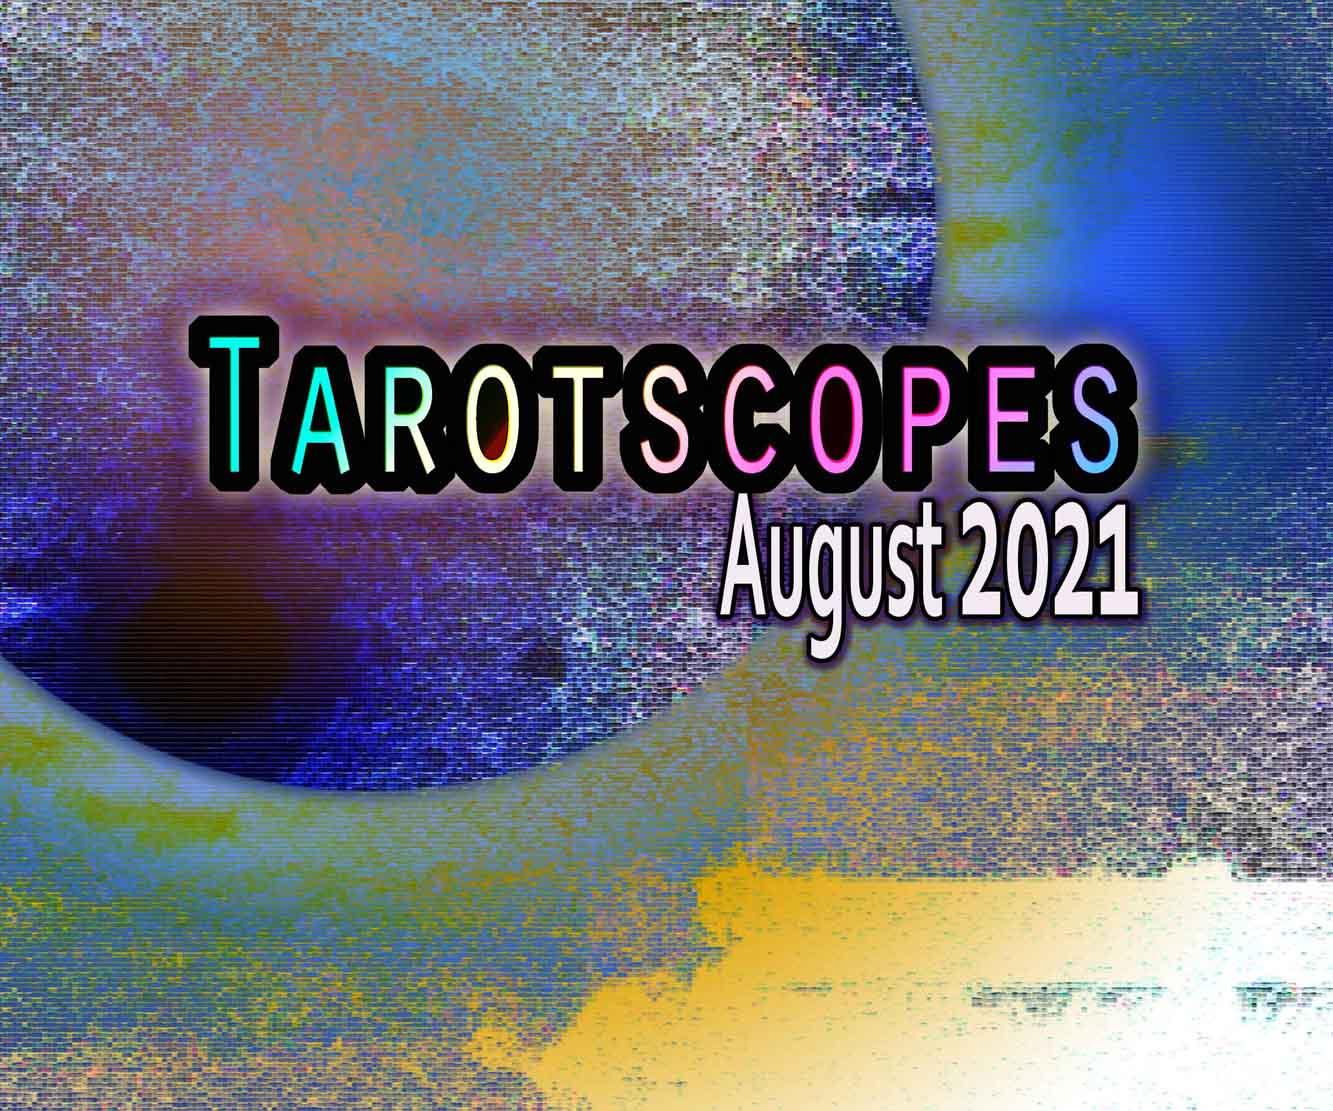 Tarotscopes August 2021